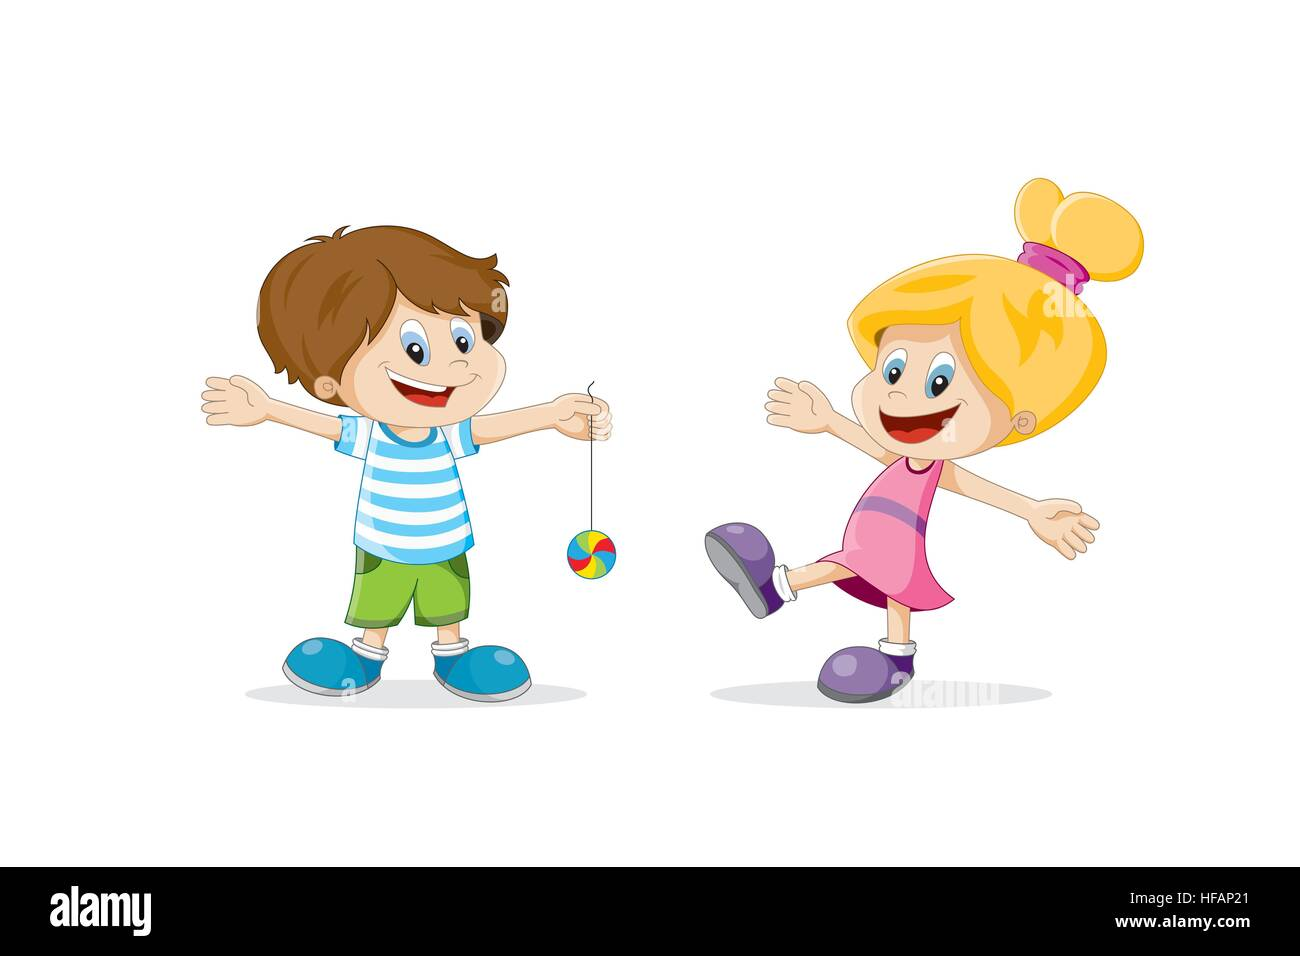 Dibujos Caras De Niños Felices Animadas: Dos Niños Felices Jugando De Dibujos Animados